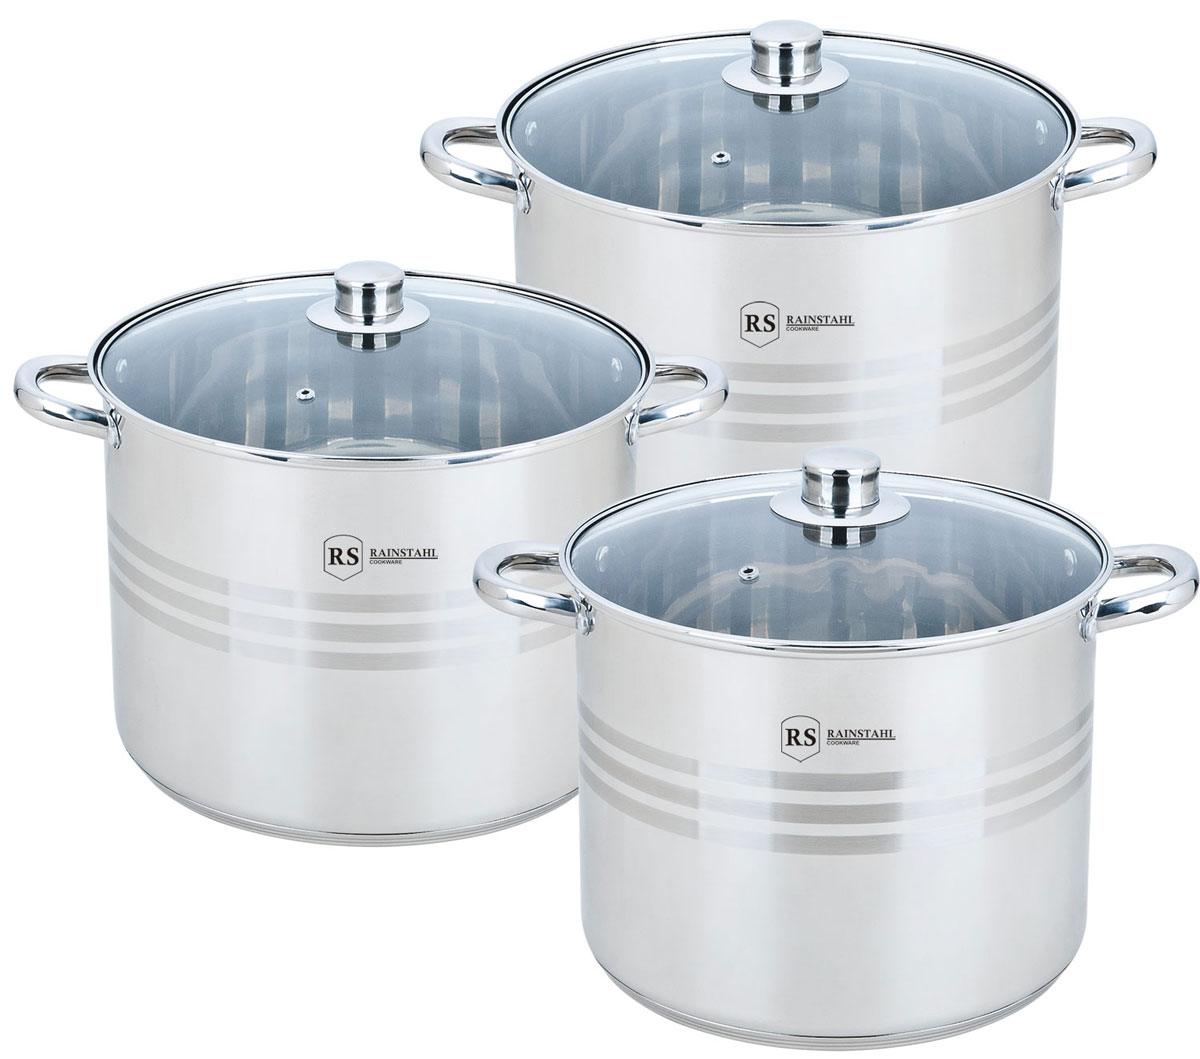 Набор посуды Rainstahl, цвет: стальной, 6 предметов. 2303-06RS/CW BK2303-06RS/CW BKНабор кастрюль Rainstahl прекрасно дополнит интерьер вашей кухни. Набор изготовлен из качественного материала и состоит из 3 кастрюль разного объема с крышками. Набор кастрюль выполнен из высококачественной нержавеющей стали. Каждая модель из набора имеет 3-шаговое термоаккумулирующее капсульное дно. Особенности модели:Кастрюли выполнены из нержавеющей стали, благодаря чему прослужат не один год. Наличие капсульного дна, которое быстро и равномерно накапливает тепло, и также равномерно передает его пище.Подходит для всех видов плит, включая индукцию. При создании набора использовались современные технологии изготовления посуды. Удобные ручки. Комплектация: кастрюля с крышкой 26 х 21 см. 11 л.; кастрюля с крышкой 28 х 22 см. 13,5 л.; кастрюля с крышкой 30 х 23 см. 16,2 л.